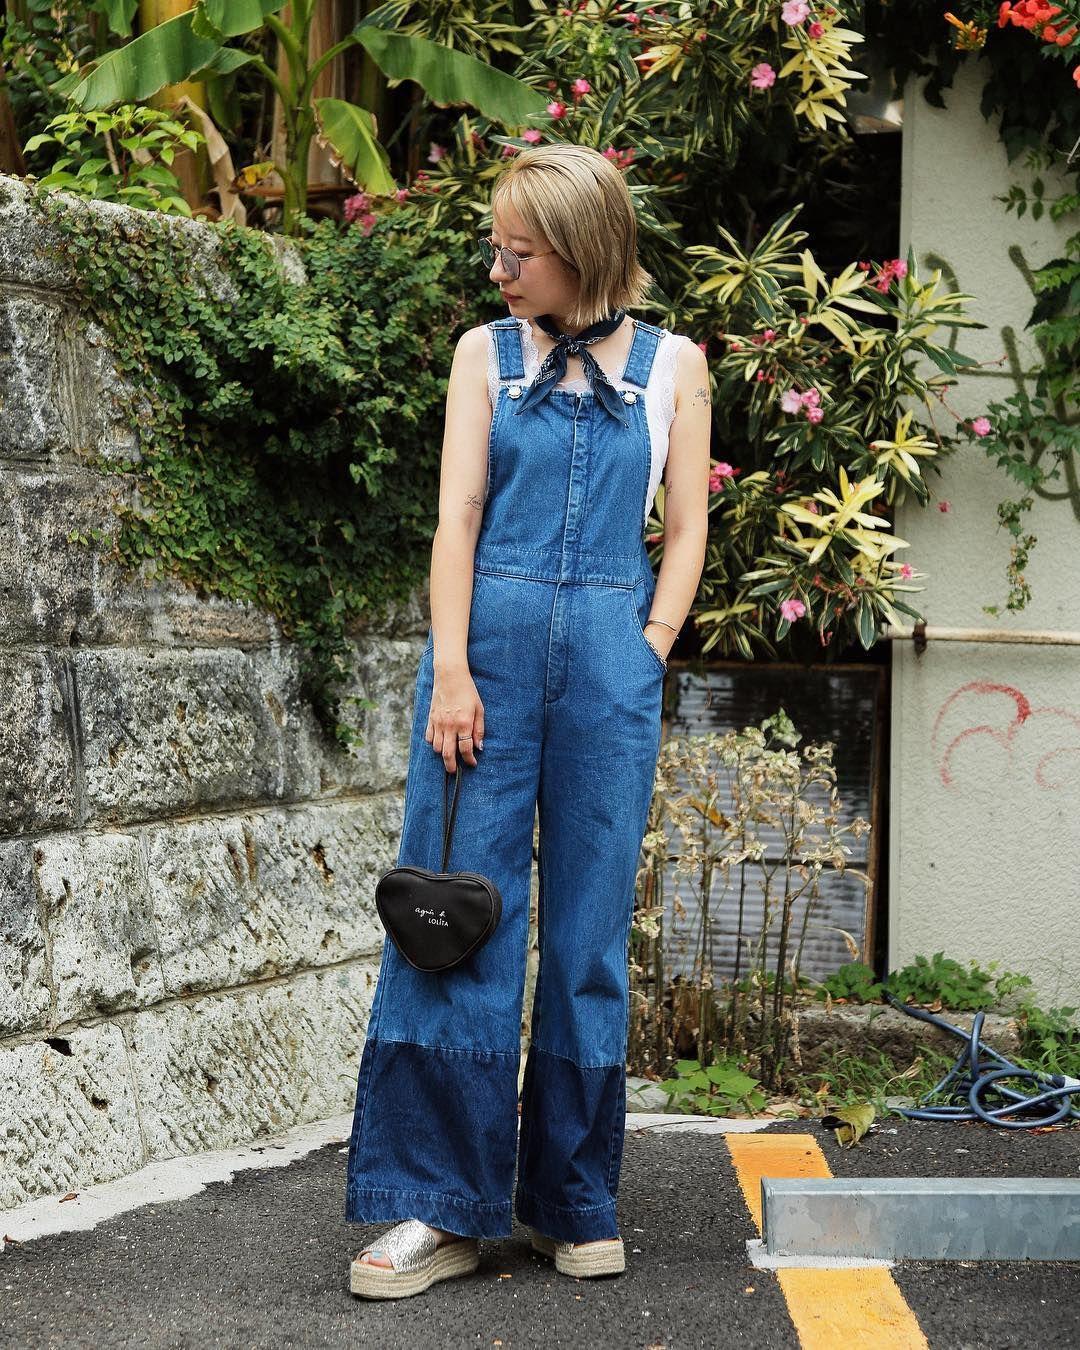 Contek Gaya A la Cewek Jepang Untuk Style Malam Minggumu Yuk!